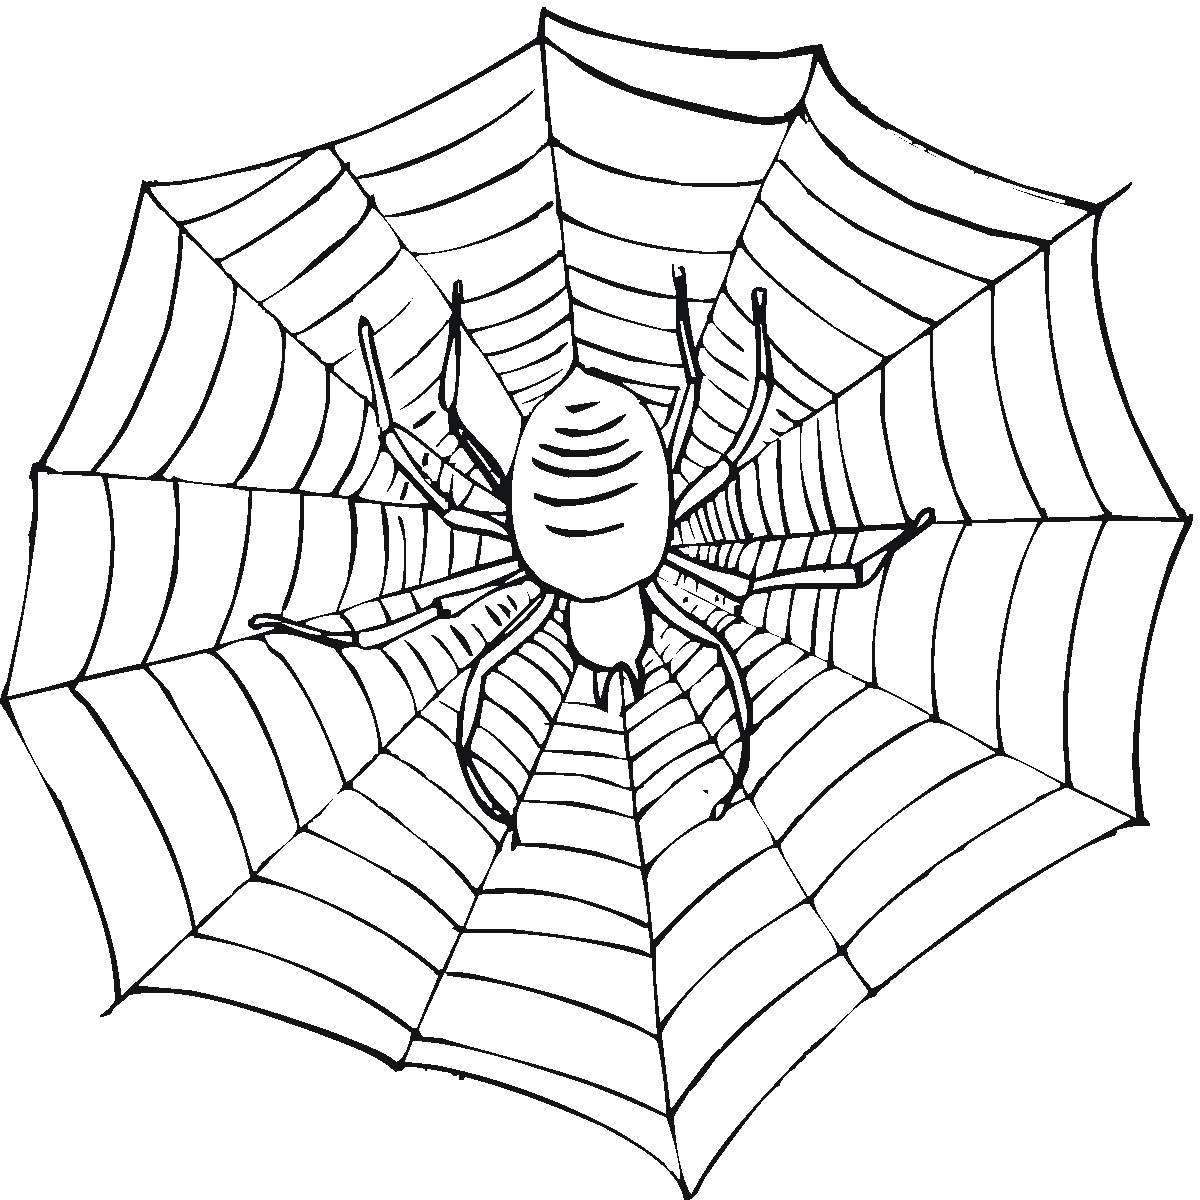 儿童画画 简笔画 动物简笔画-万圣节蜘蛛的简笔画儿童画画  上一张下